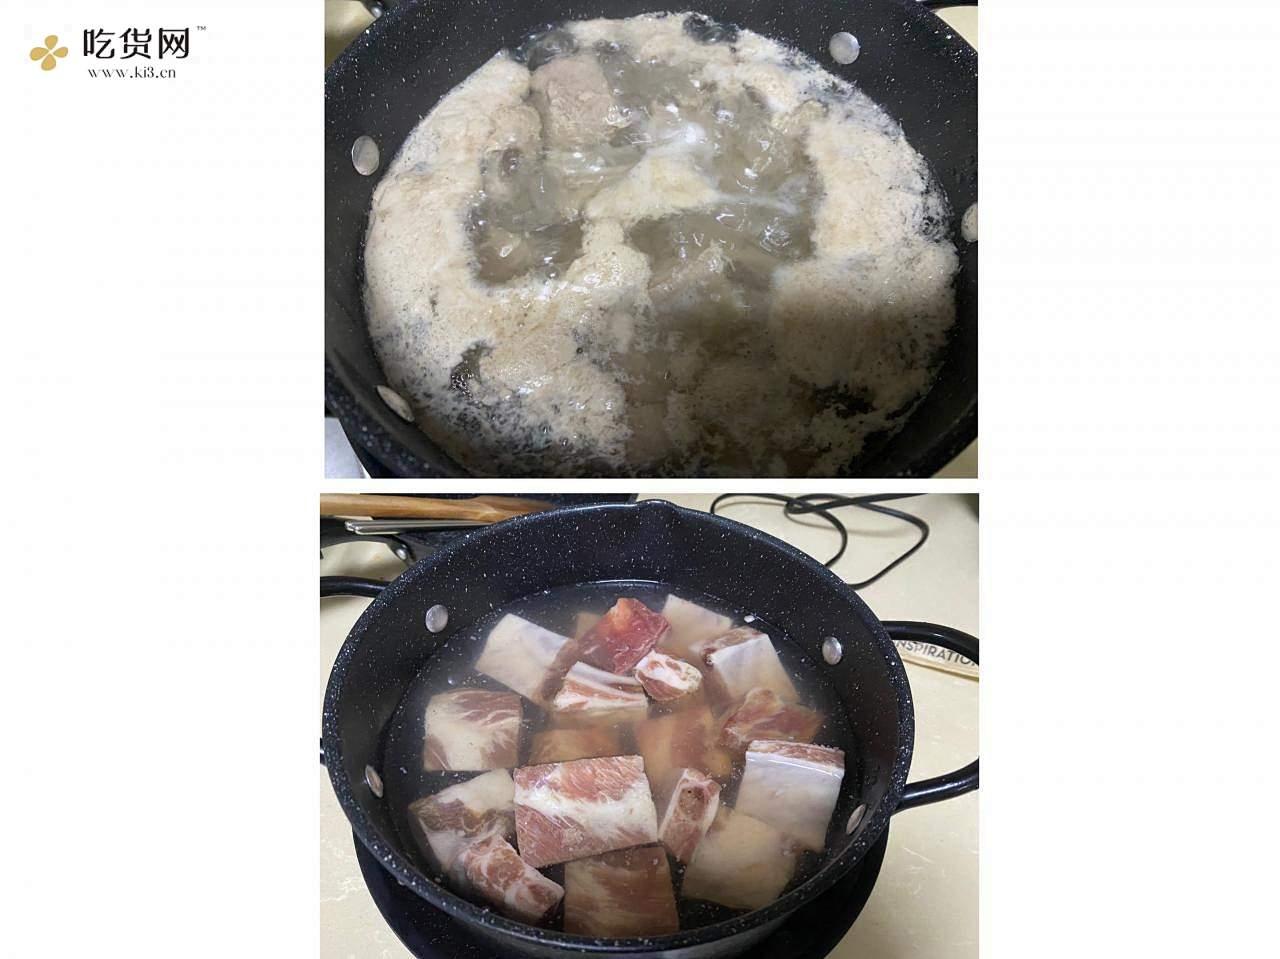 百香果烧排骨(果香版糖醋排骨)的做法 步骤1